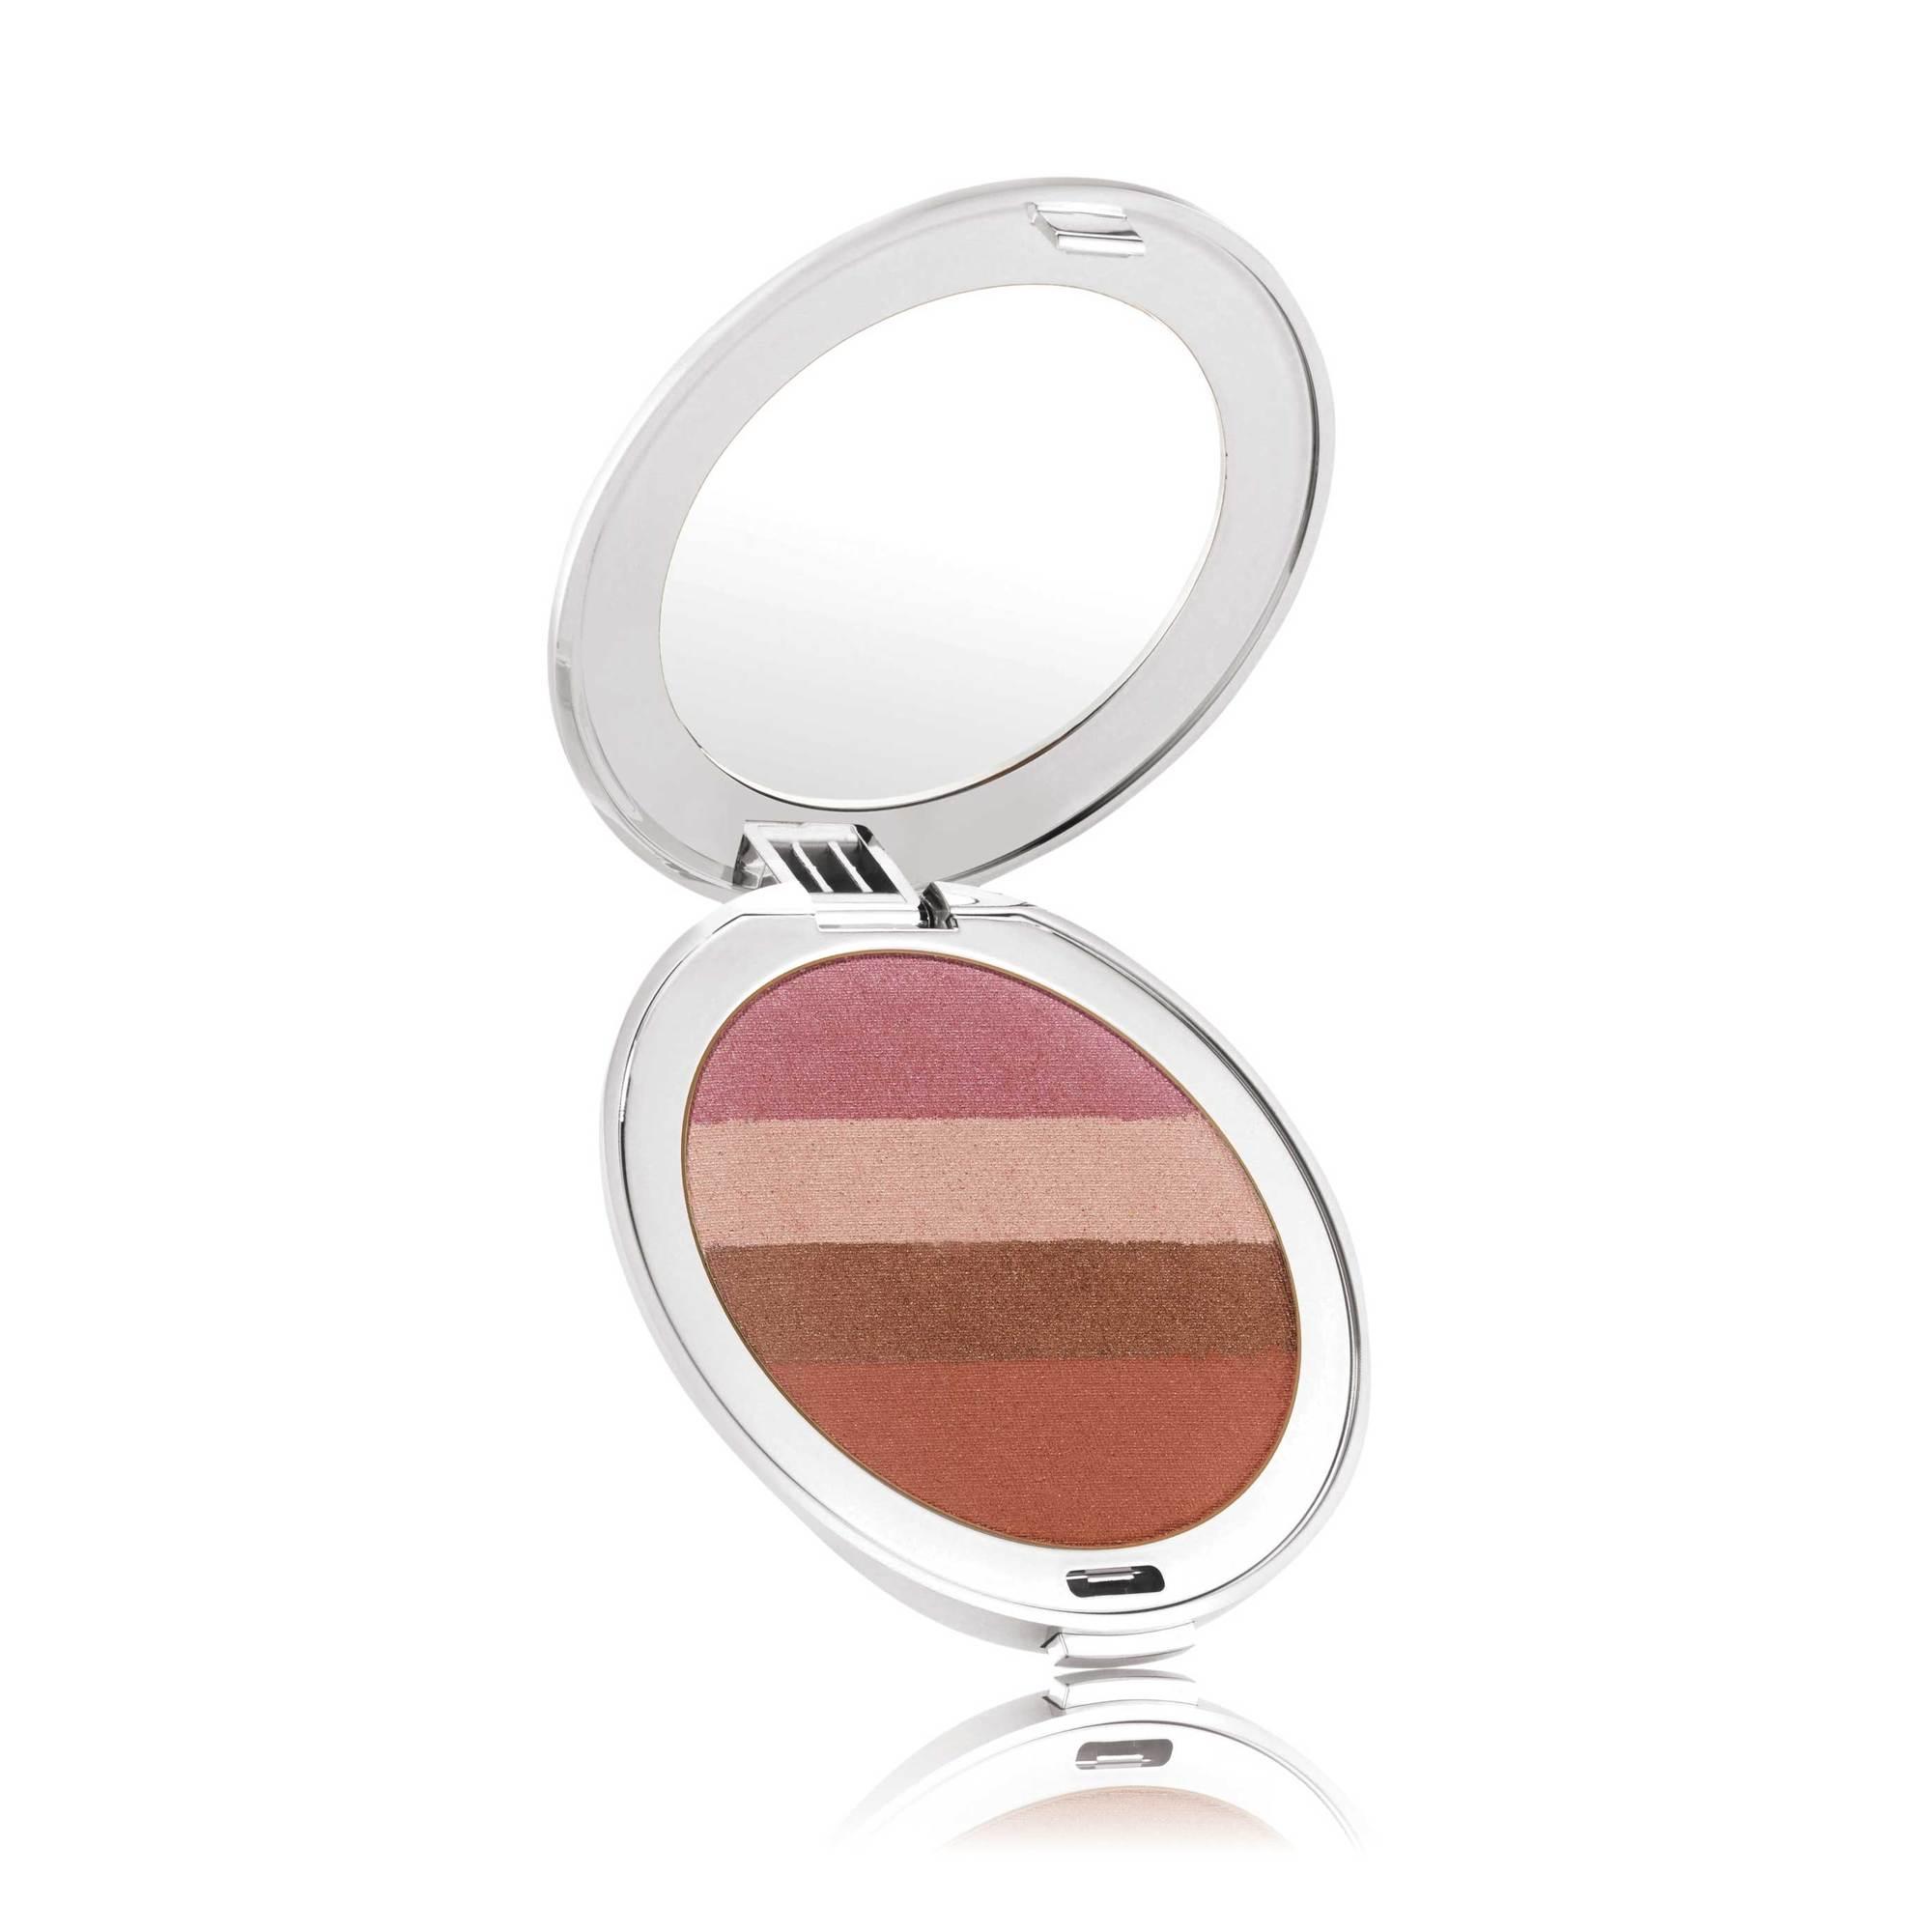 Bronzer - Rose Dawn (cool pink/bronze shades)